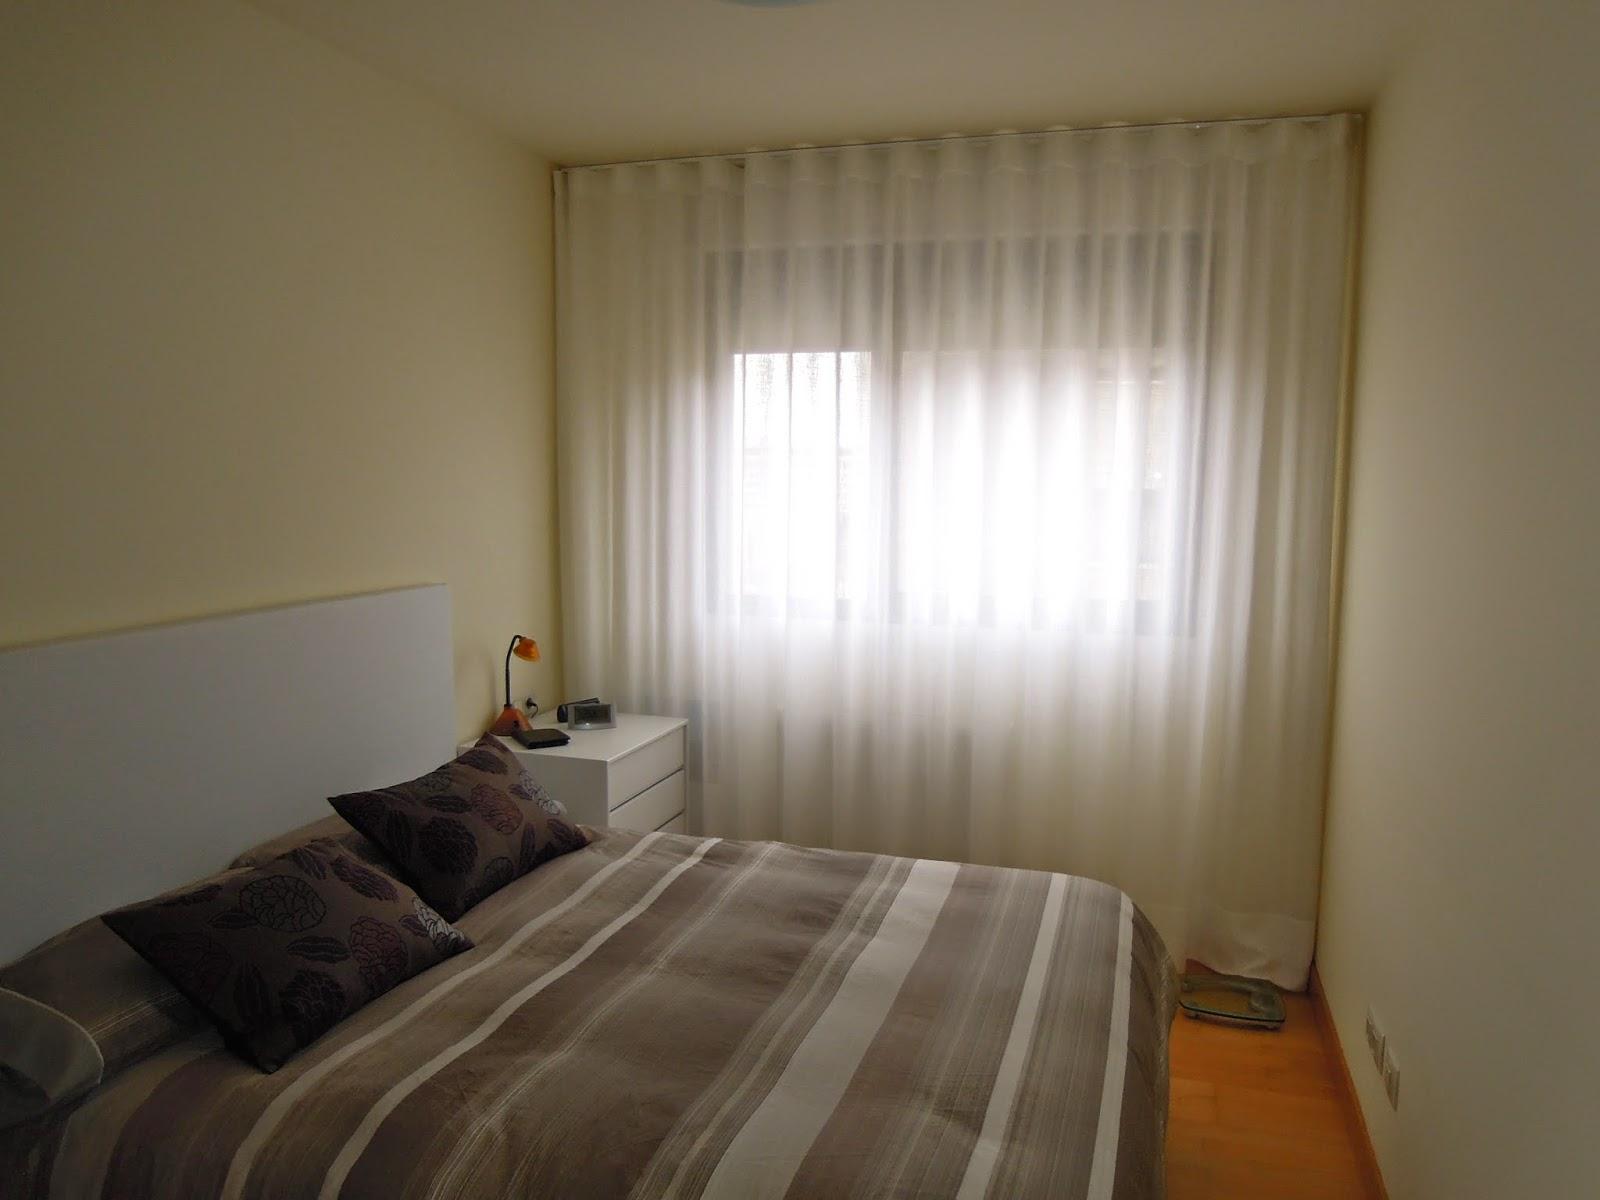 cortina onda perfecta, un sistema manual muy moderno y bonito